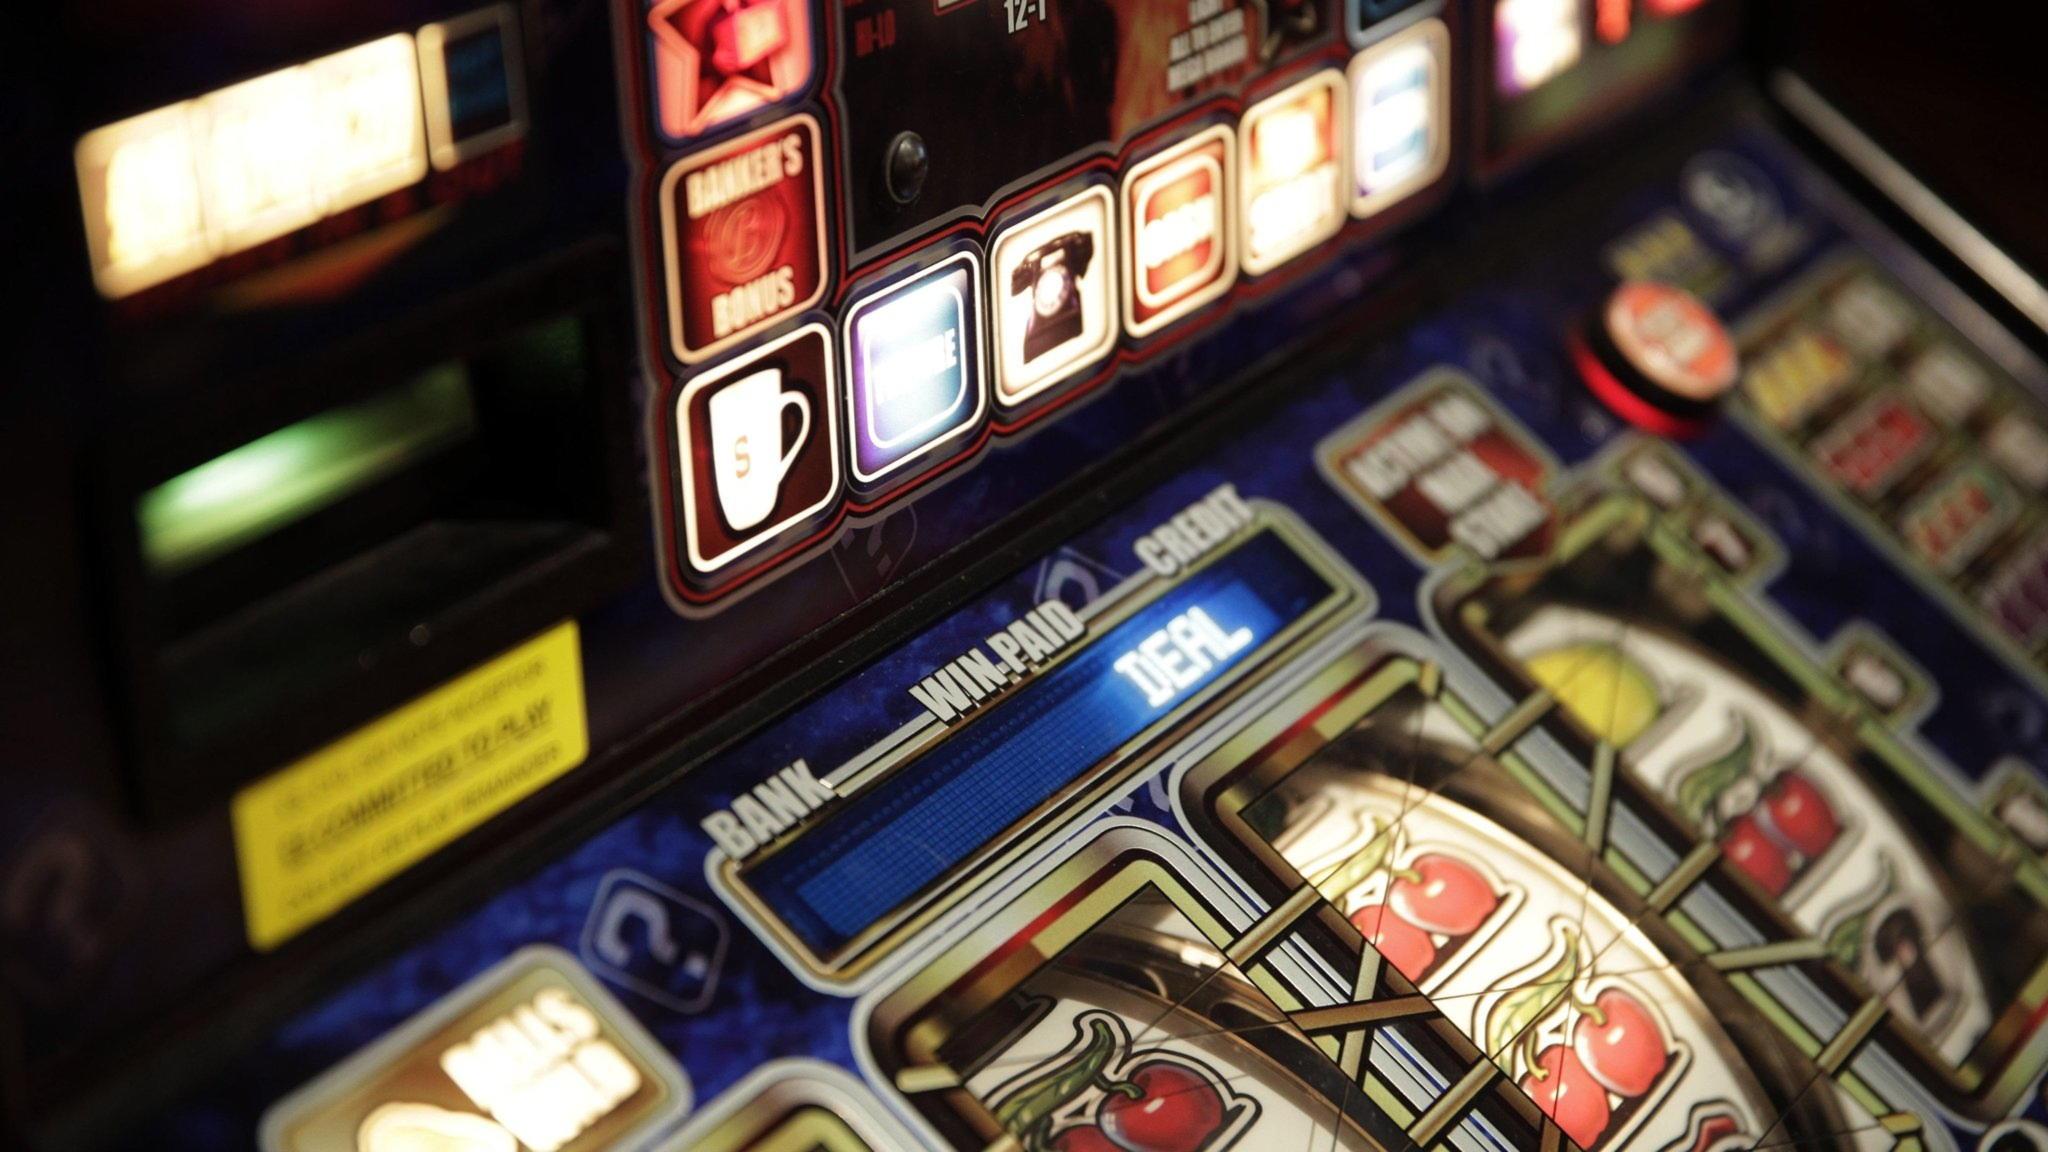 € 165 казинода қара диірмендегі фрироллдың турнирлері